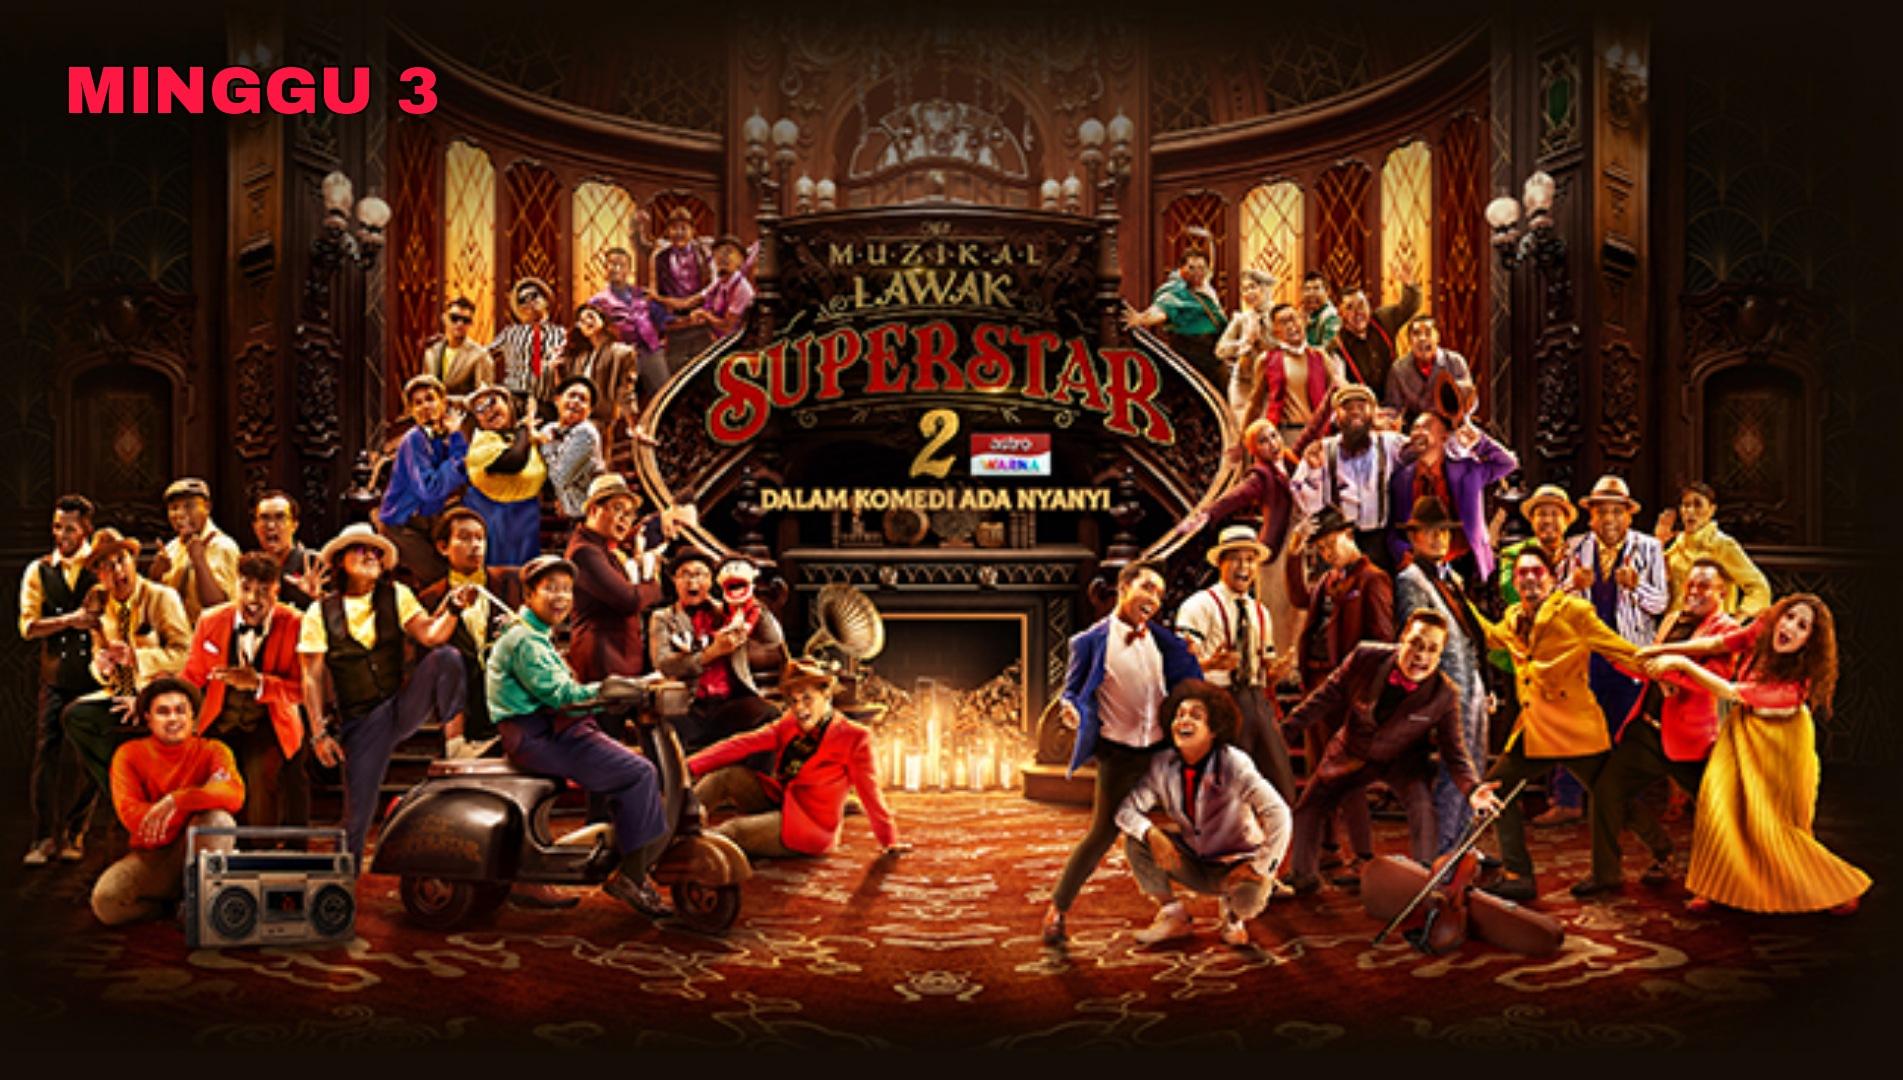 Live Streaming Muzikal Lawak Superstar 2020 Minggu 3 (Siaran Langsung)